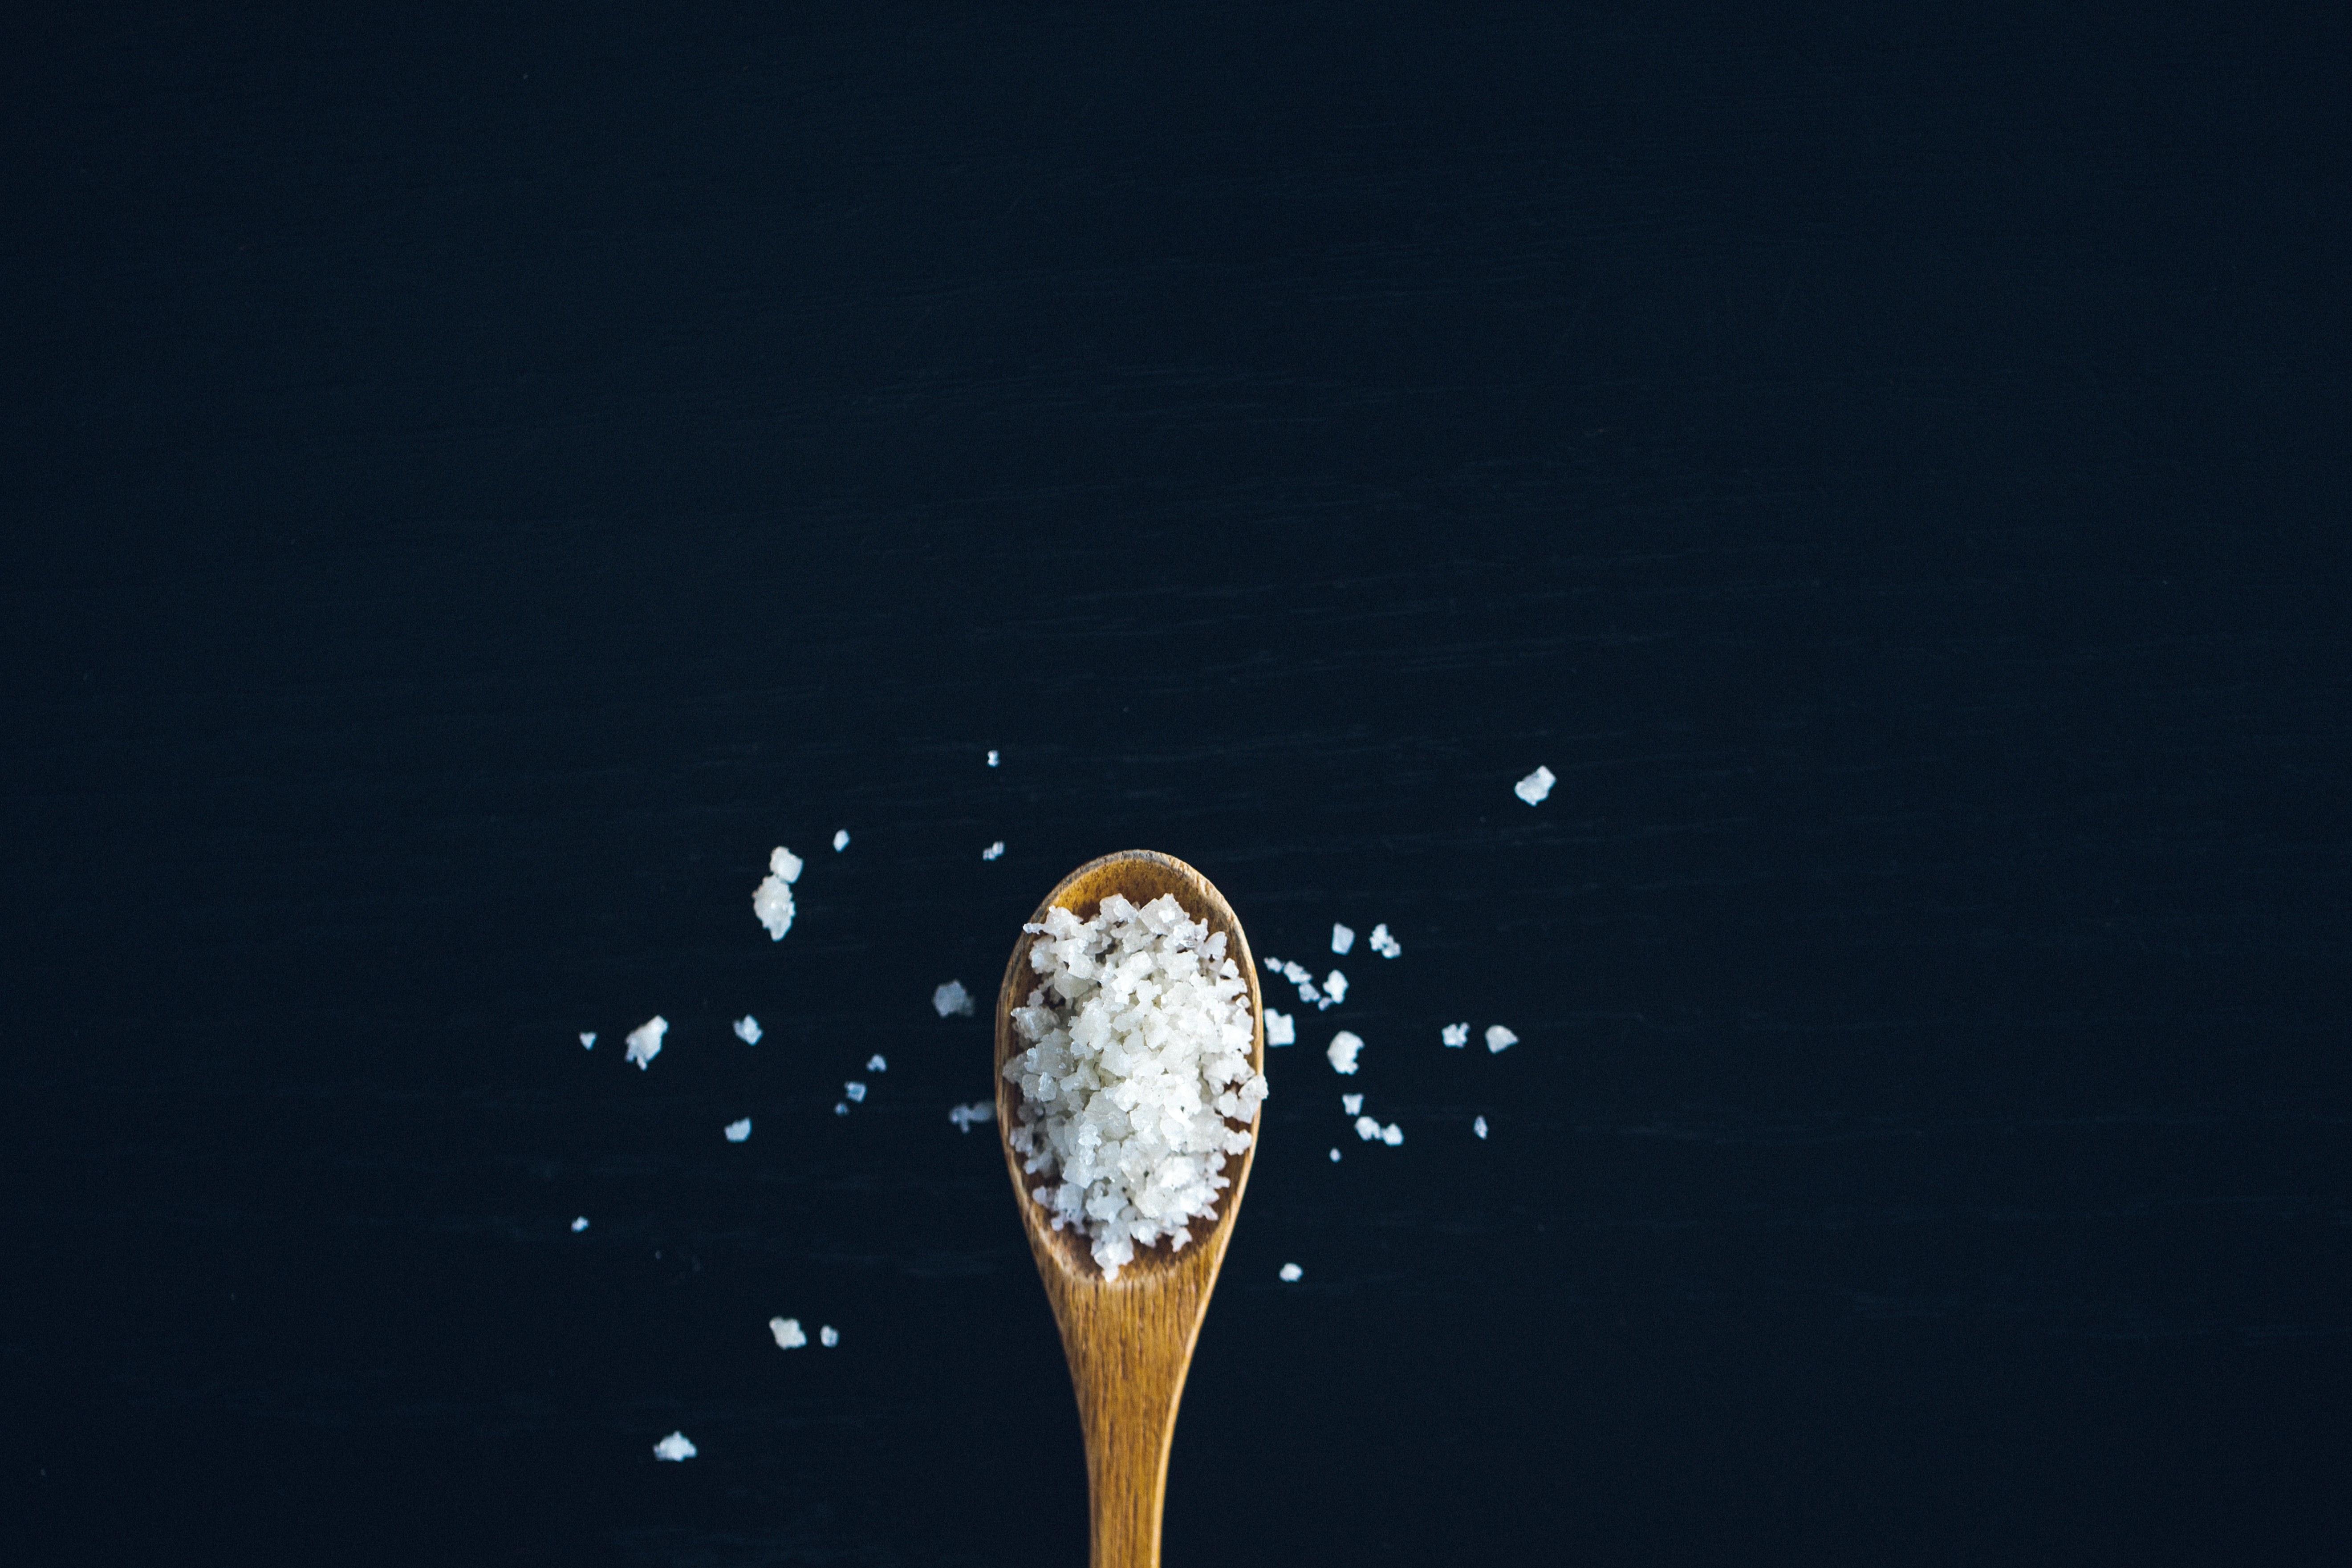 Salt Tuinstra 551608 Unsplash